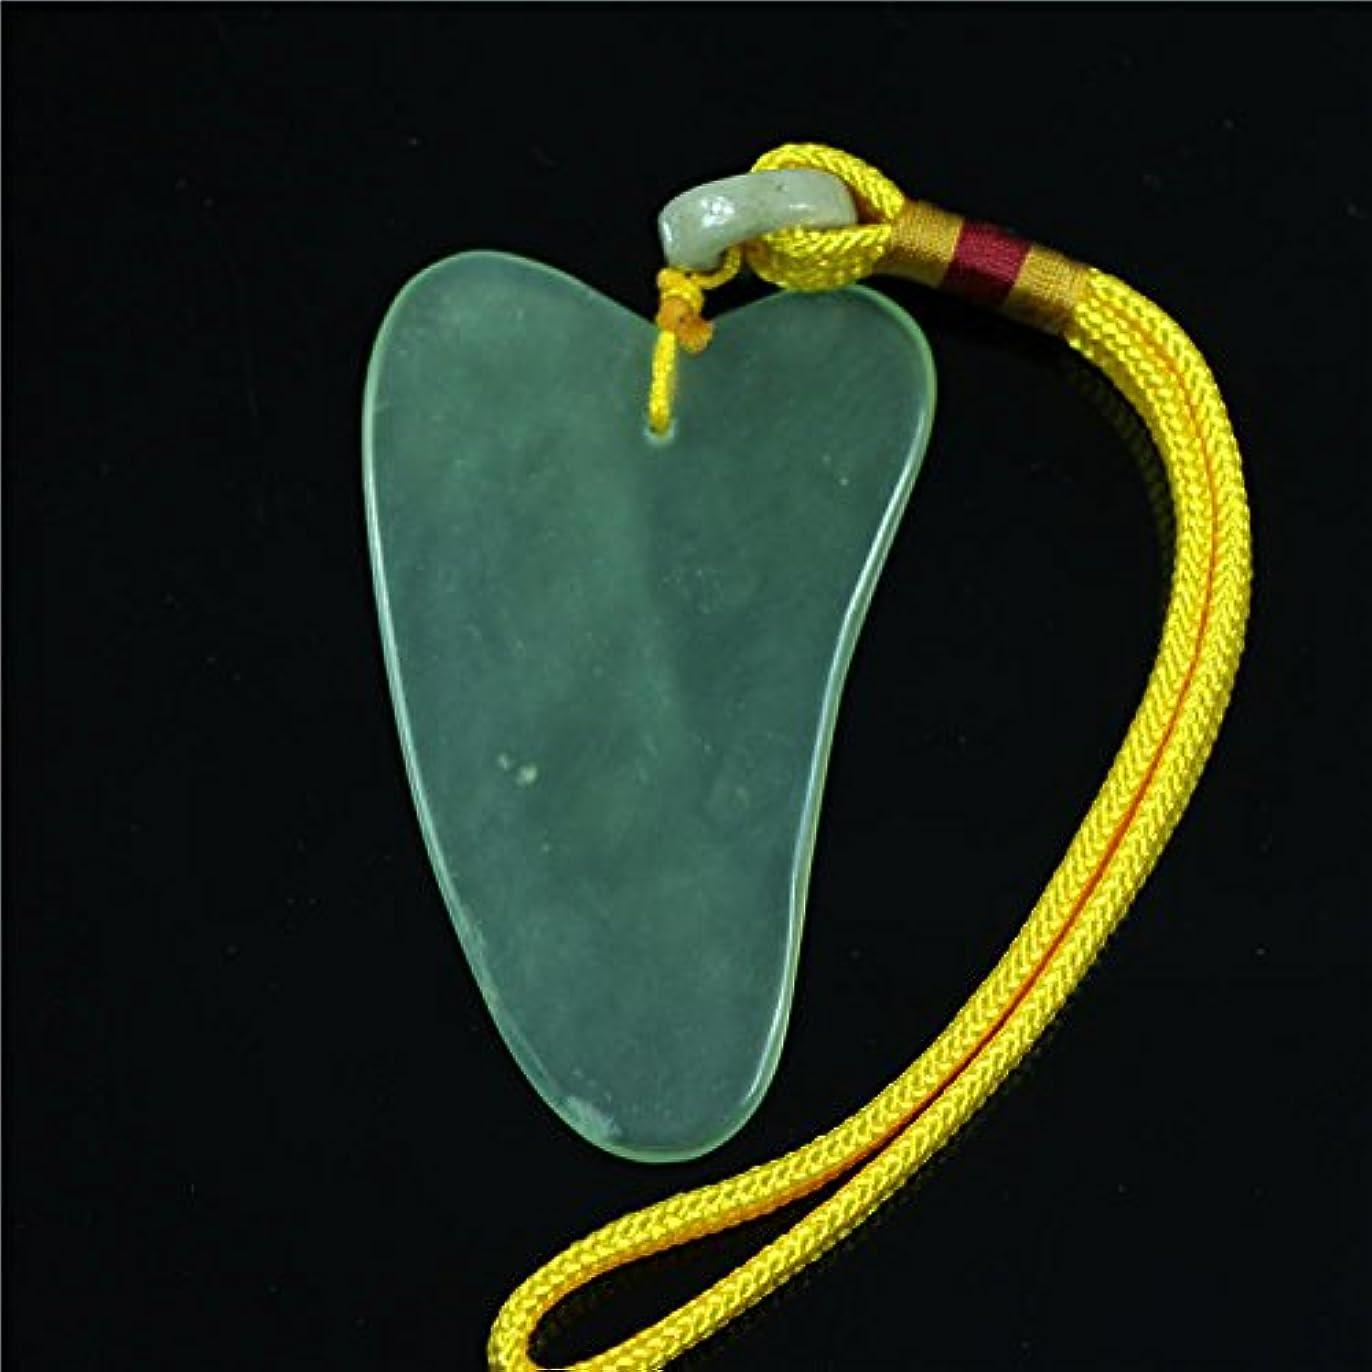 気球組み立てる高度Face / Body Massage Natural Jade Boardかっさプレート 天然石 翡翠(顔?ボディのリンパマッサージ) (かっさプレートH)